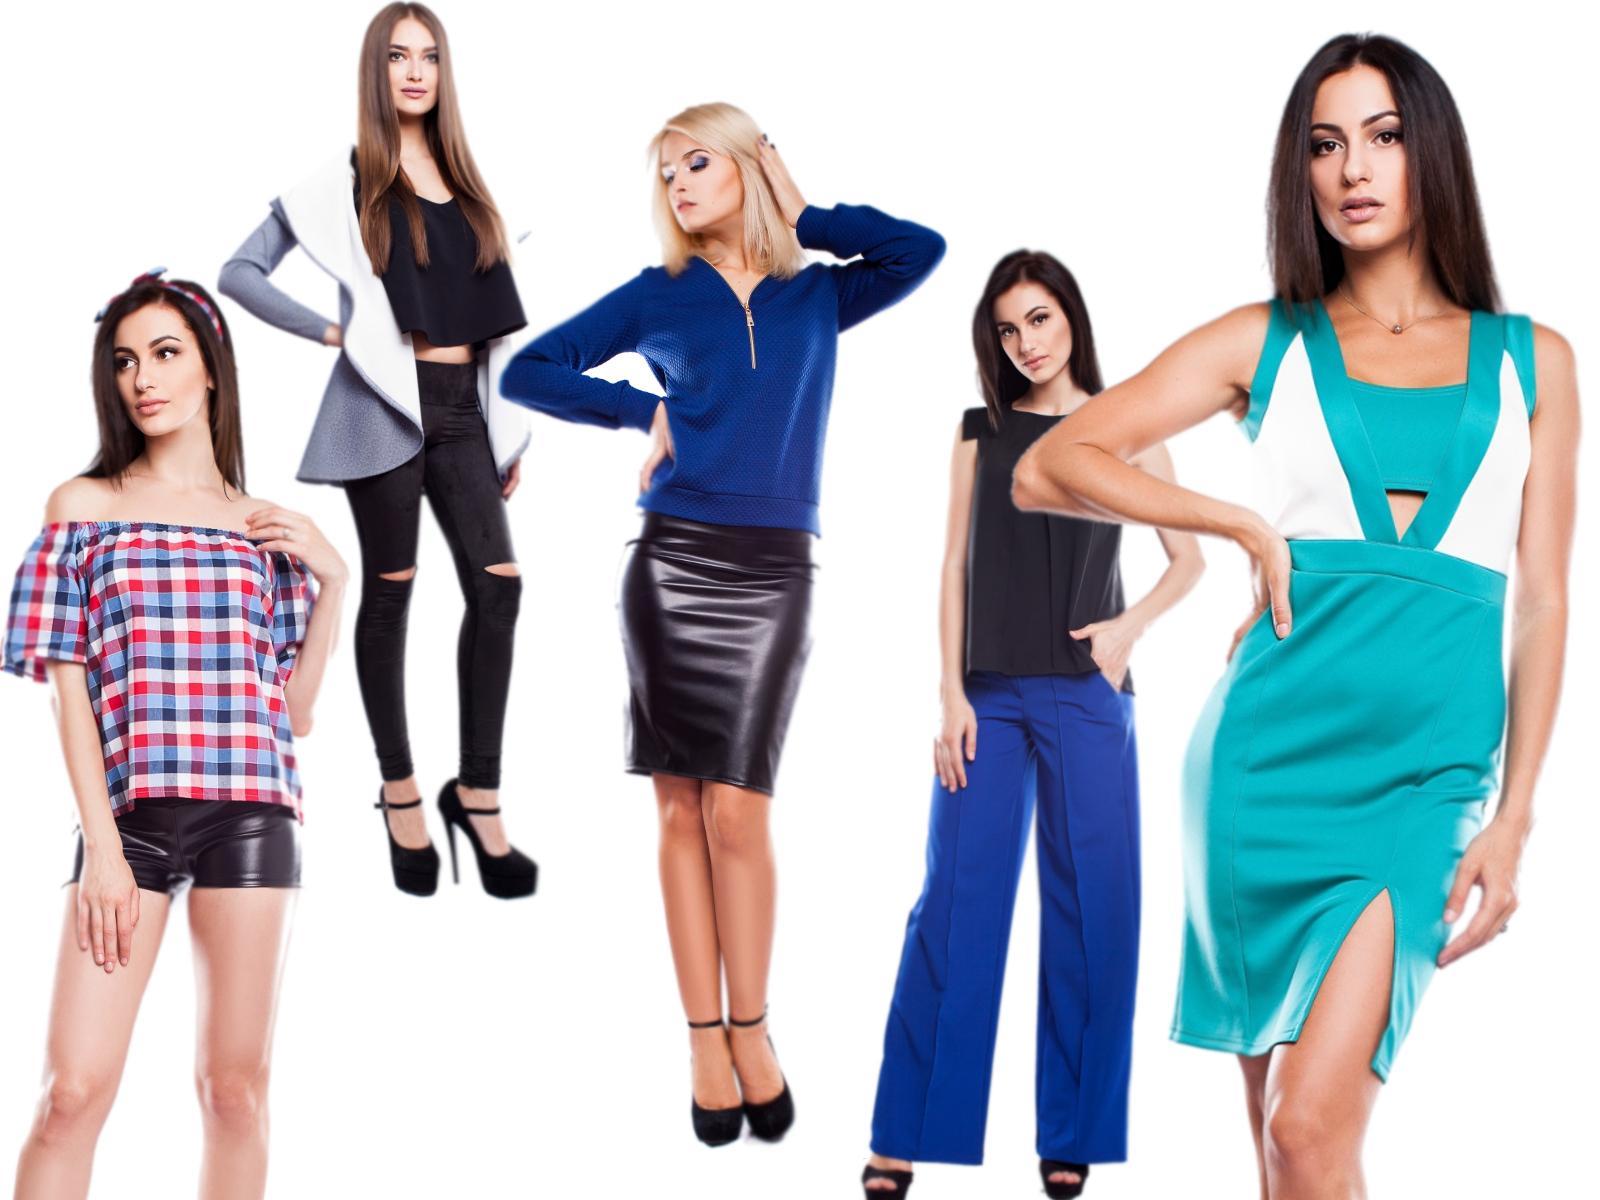 Karree (Украина) Женская одежда. Недорого. Склад 17